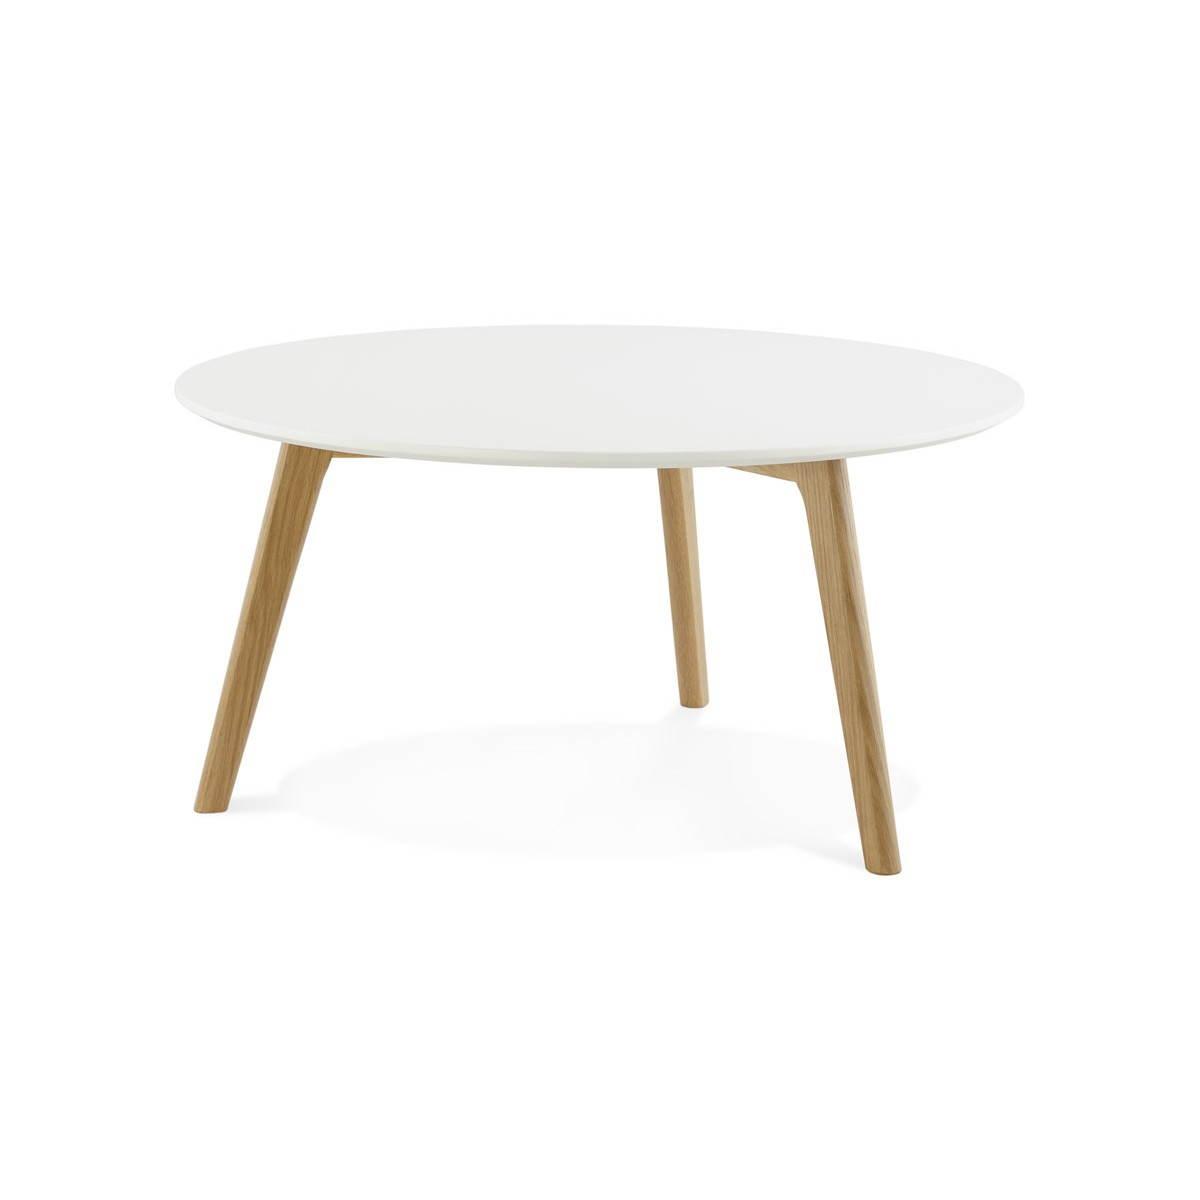 table basse scandinave tarot en bois et chene massif blanc amp story 3763